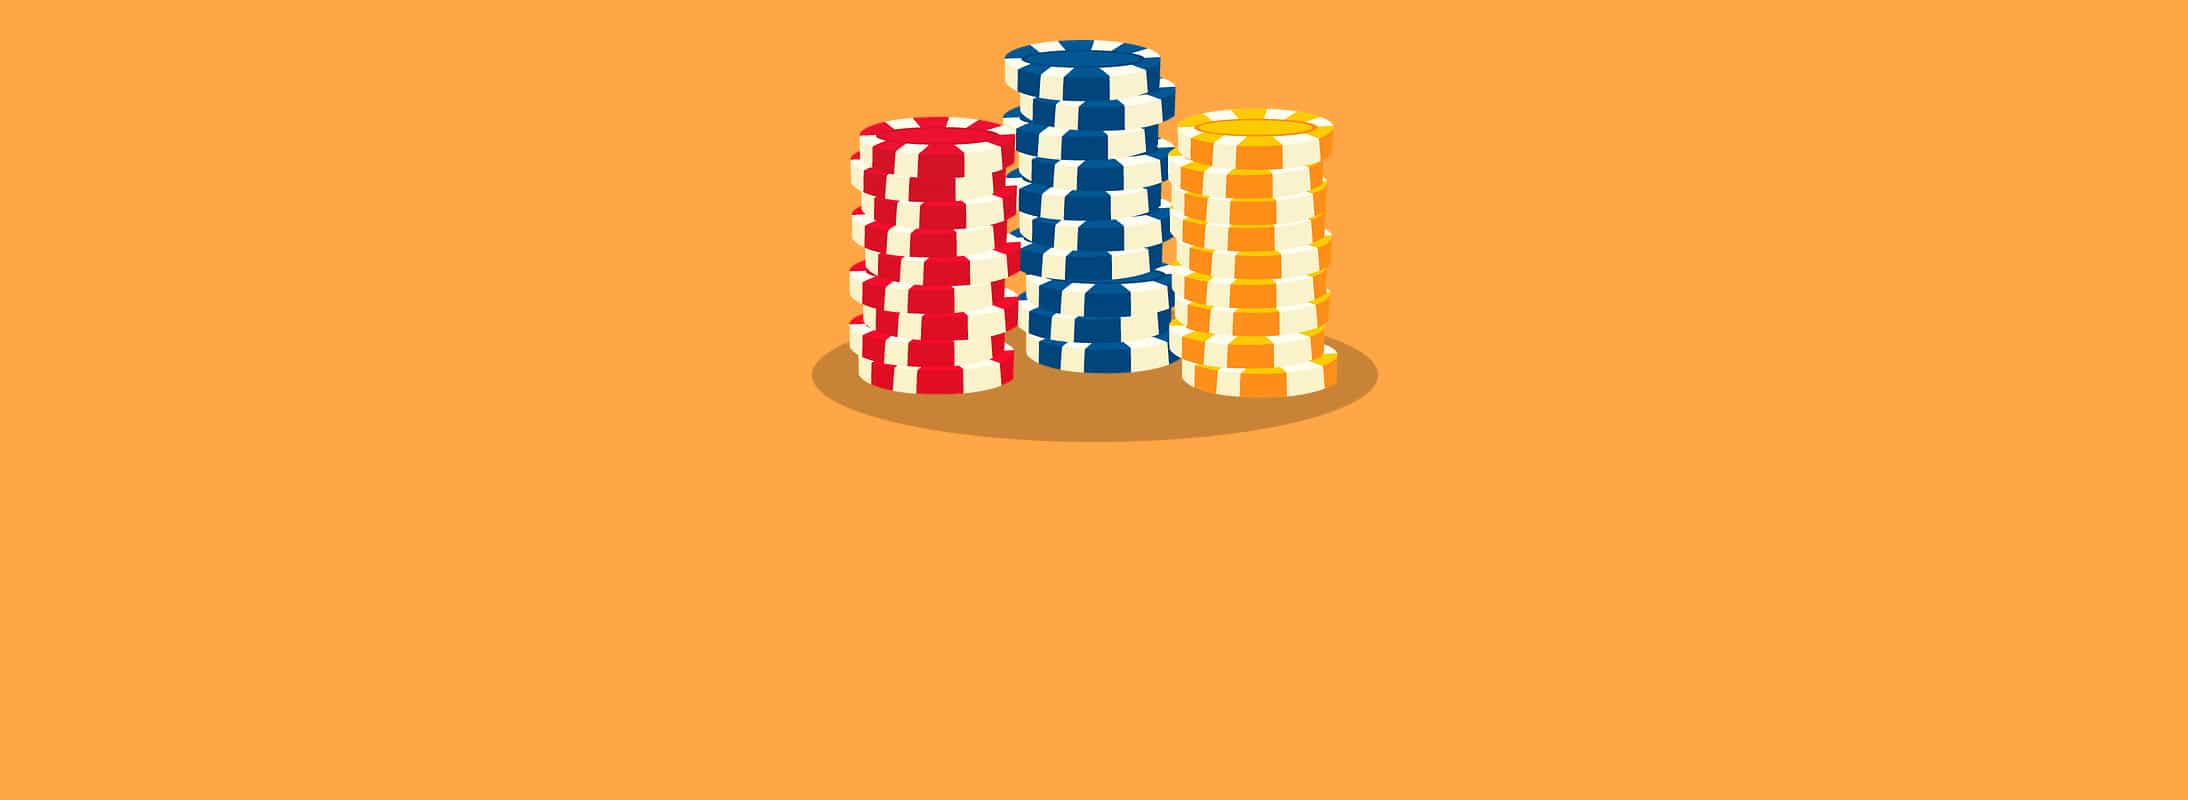 Las mejores estrategias para jugar a las tragamonedas